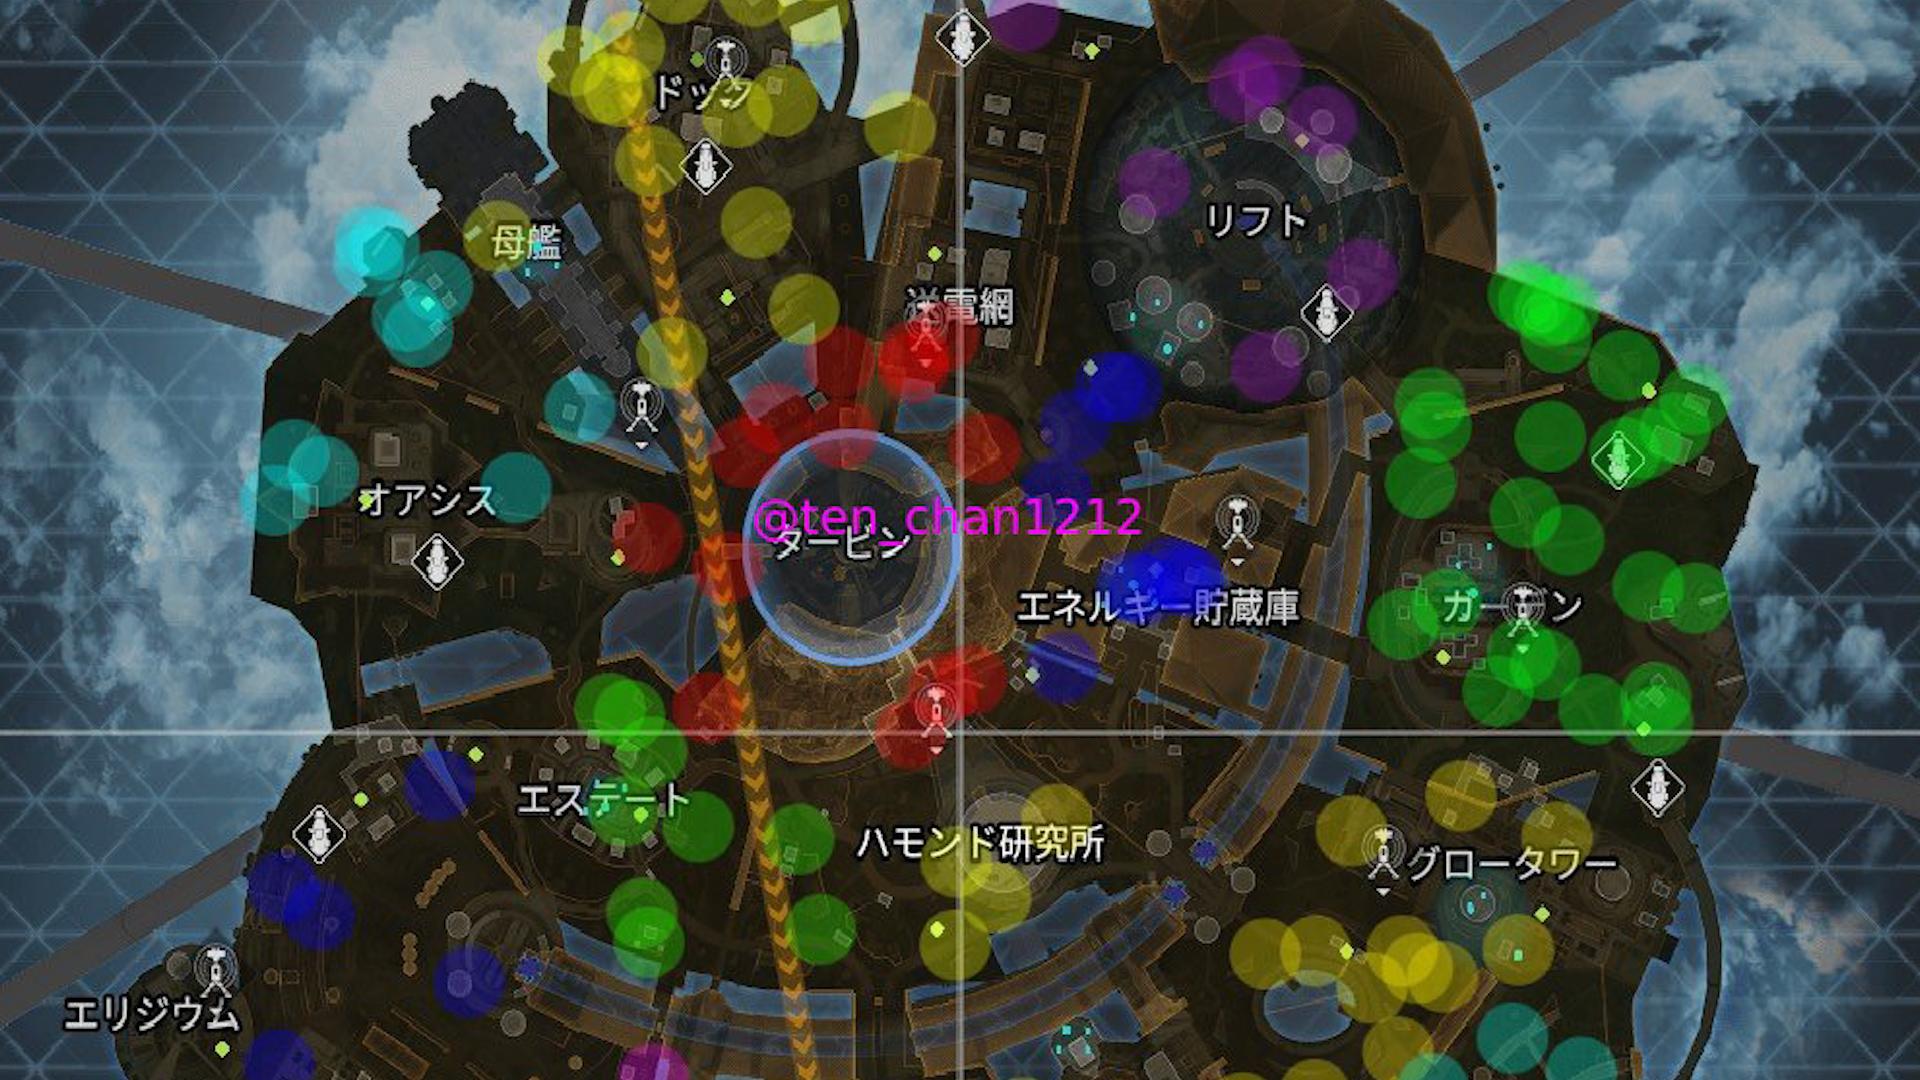 【APEX】新マップ「オリンパス」の終盤サークルパターンを177箇所まとめた画像がコチラ!!